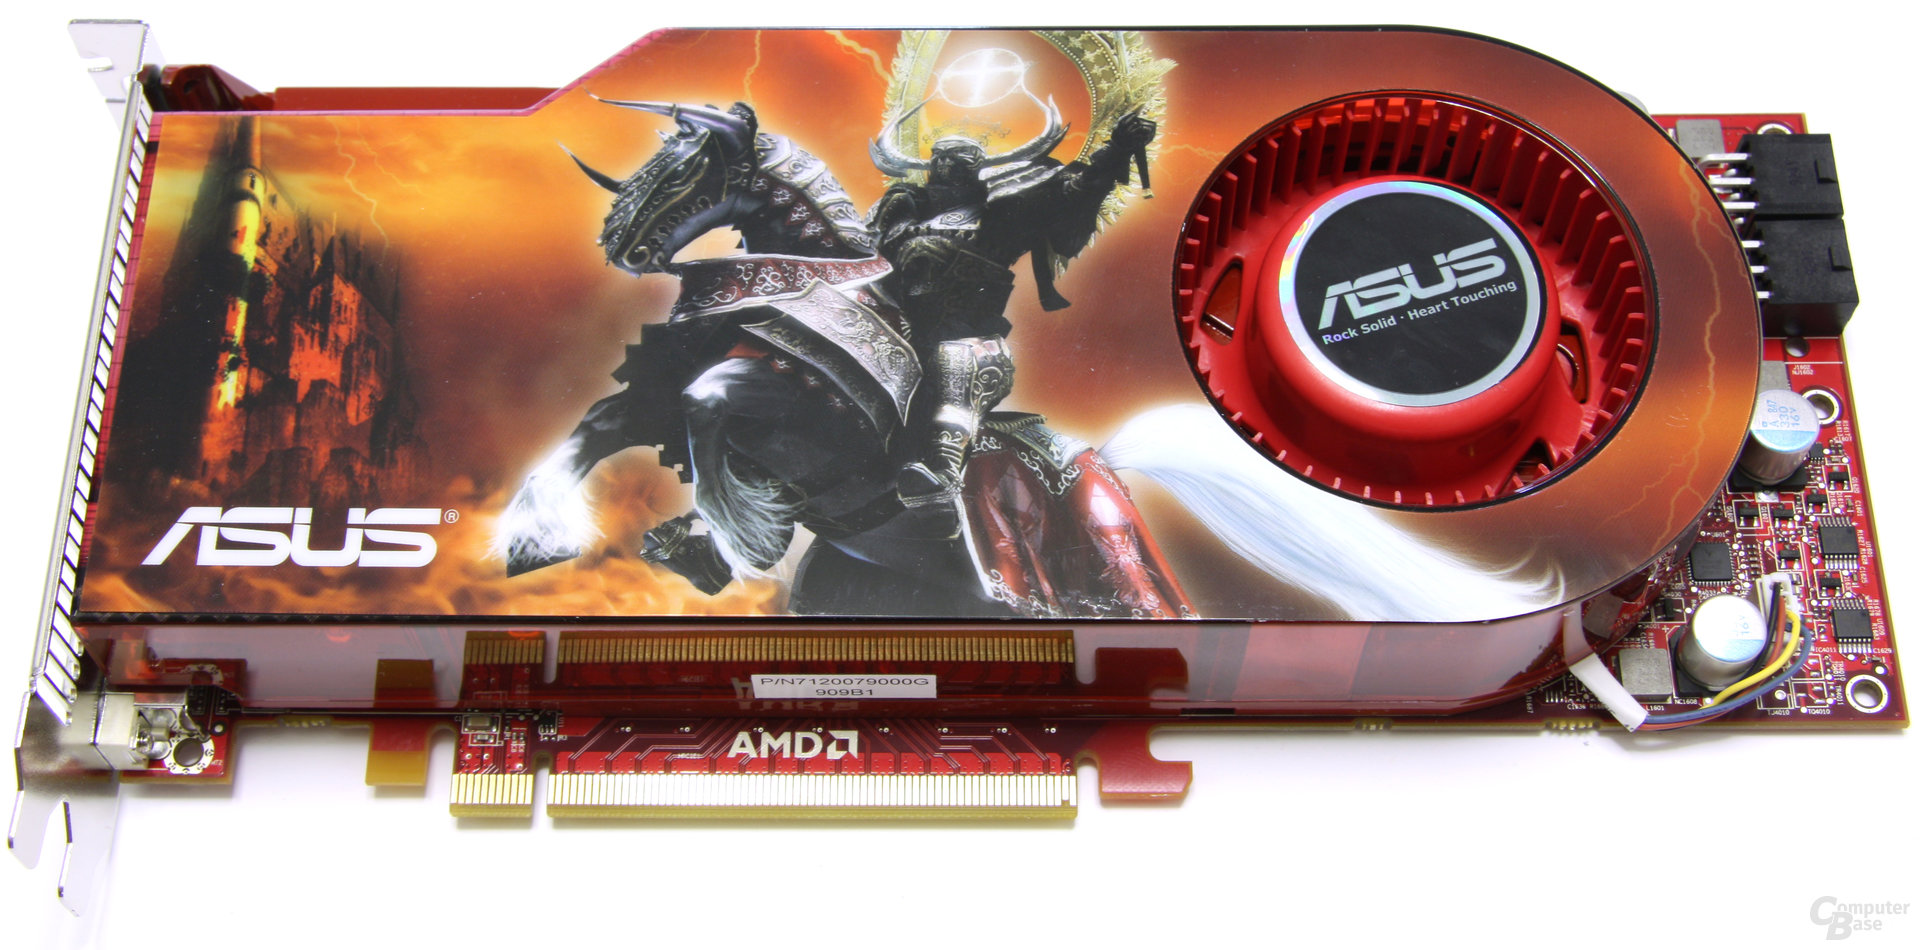 Asus Radeon HD 4890